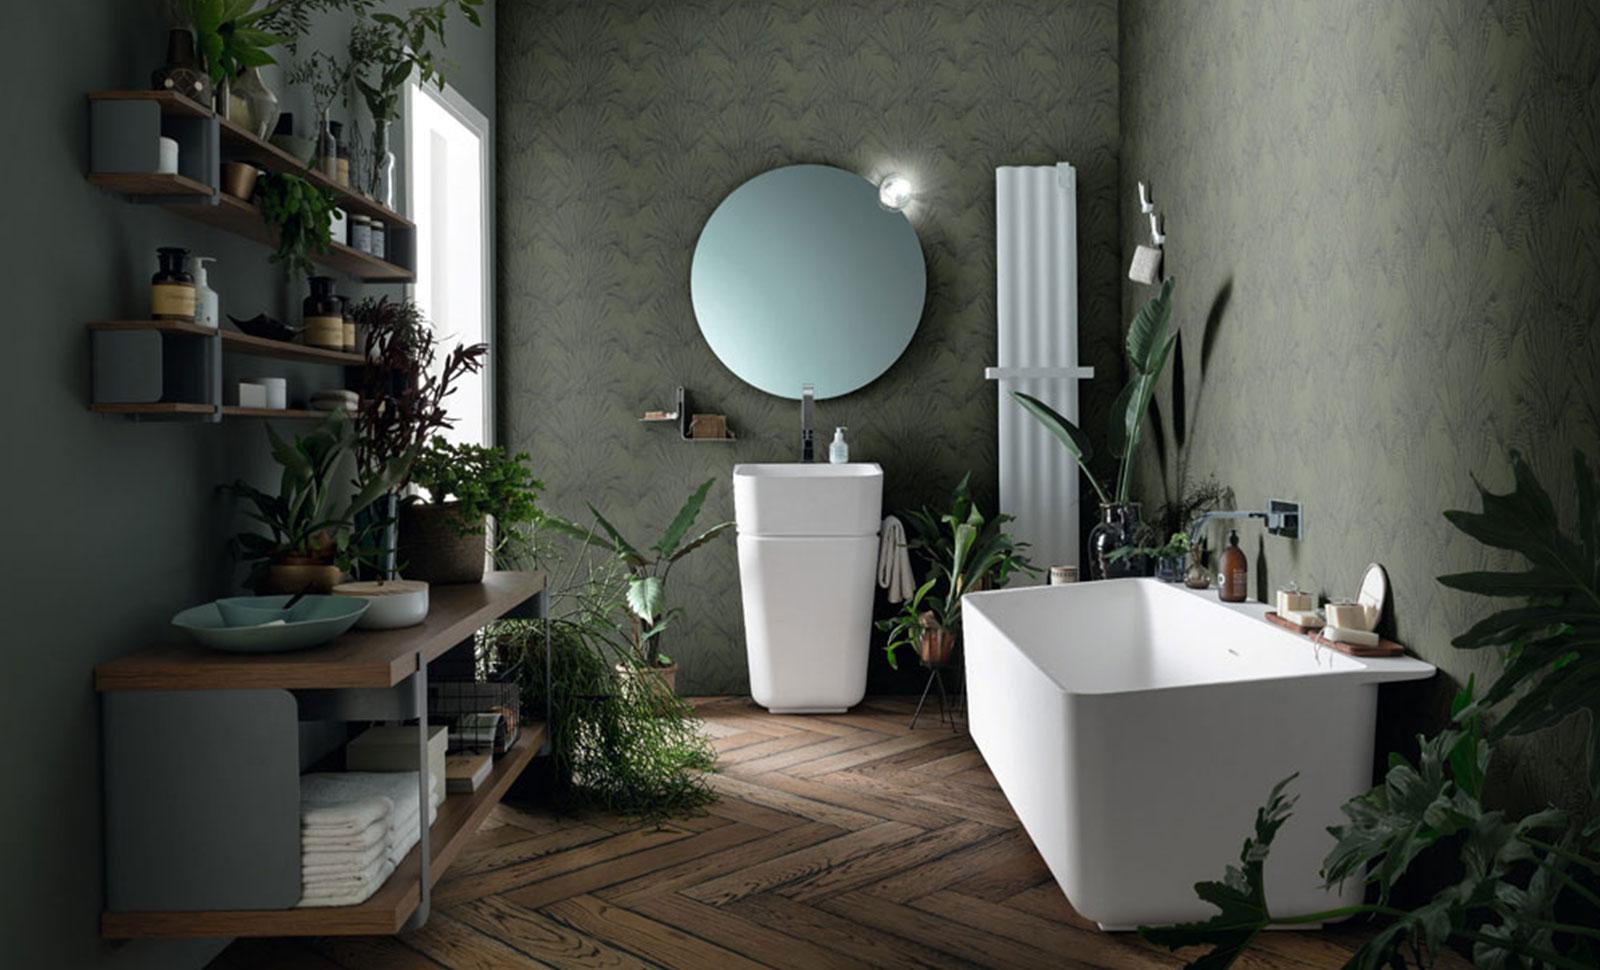 tulip mobili bagno originali e intuitivi by arblu silvestri arredo bagno ca151659eb8